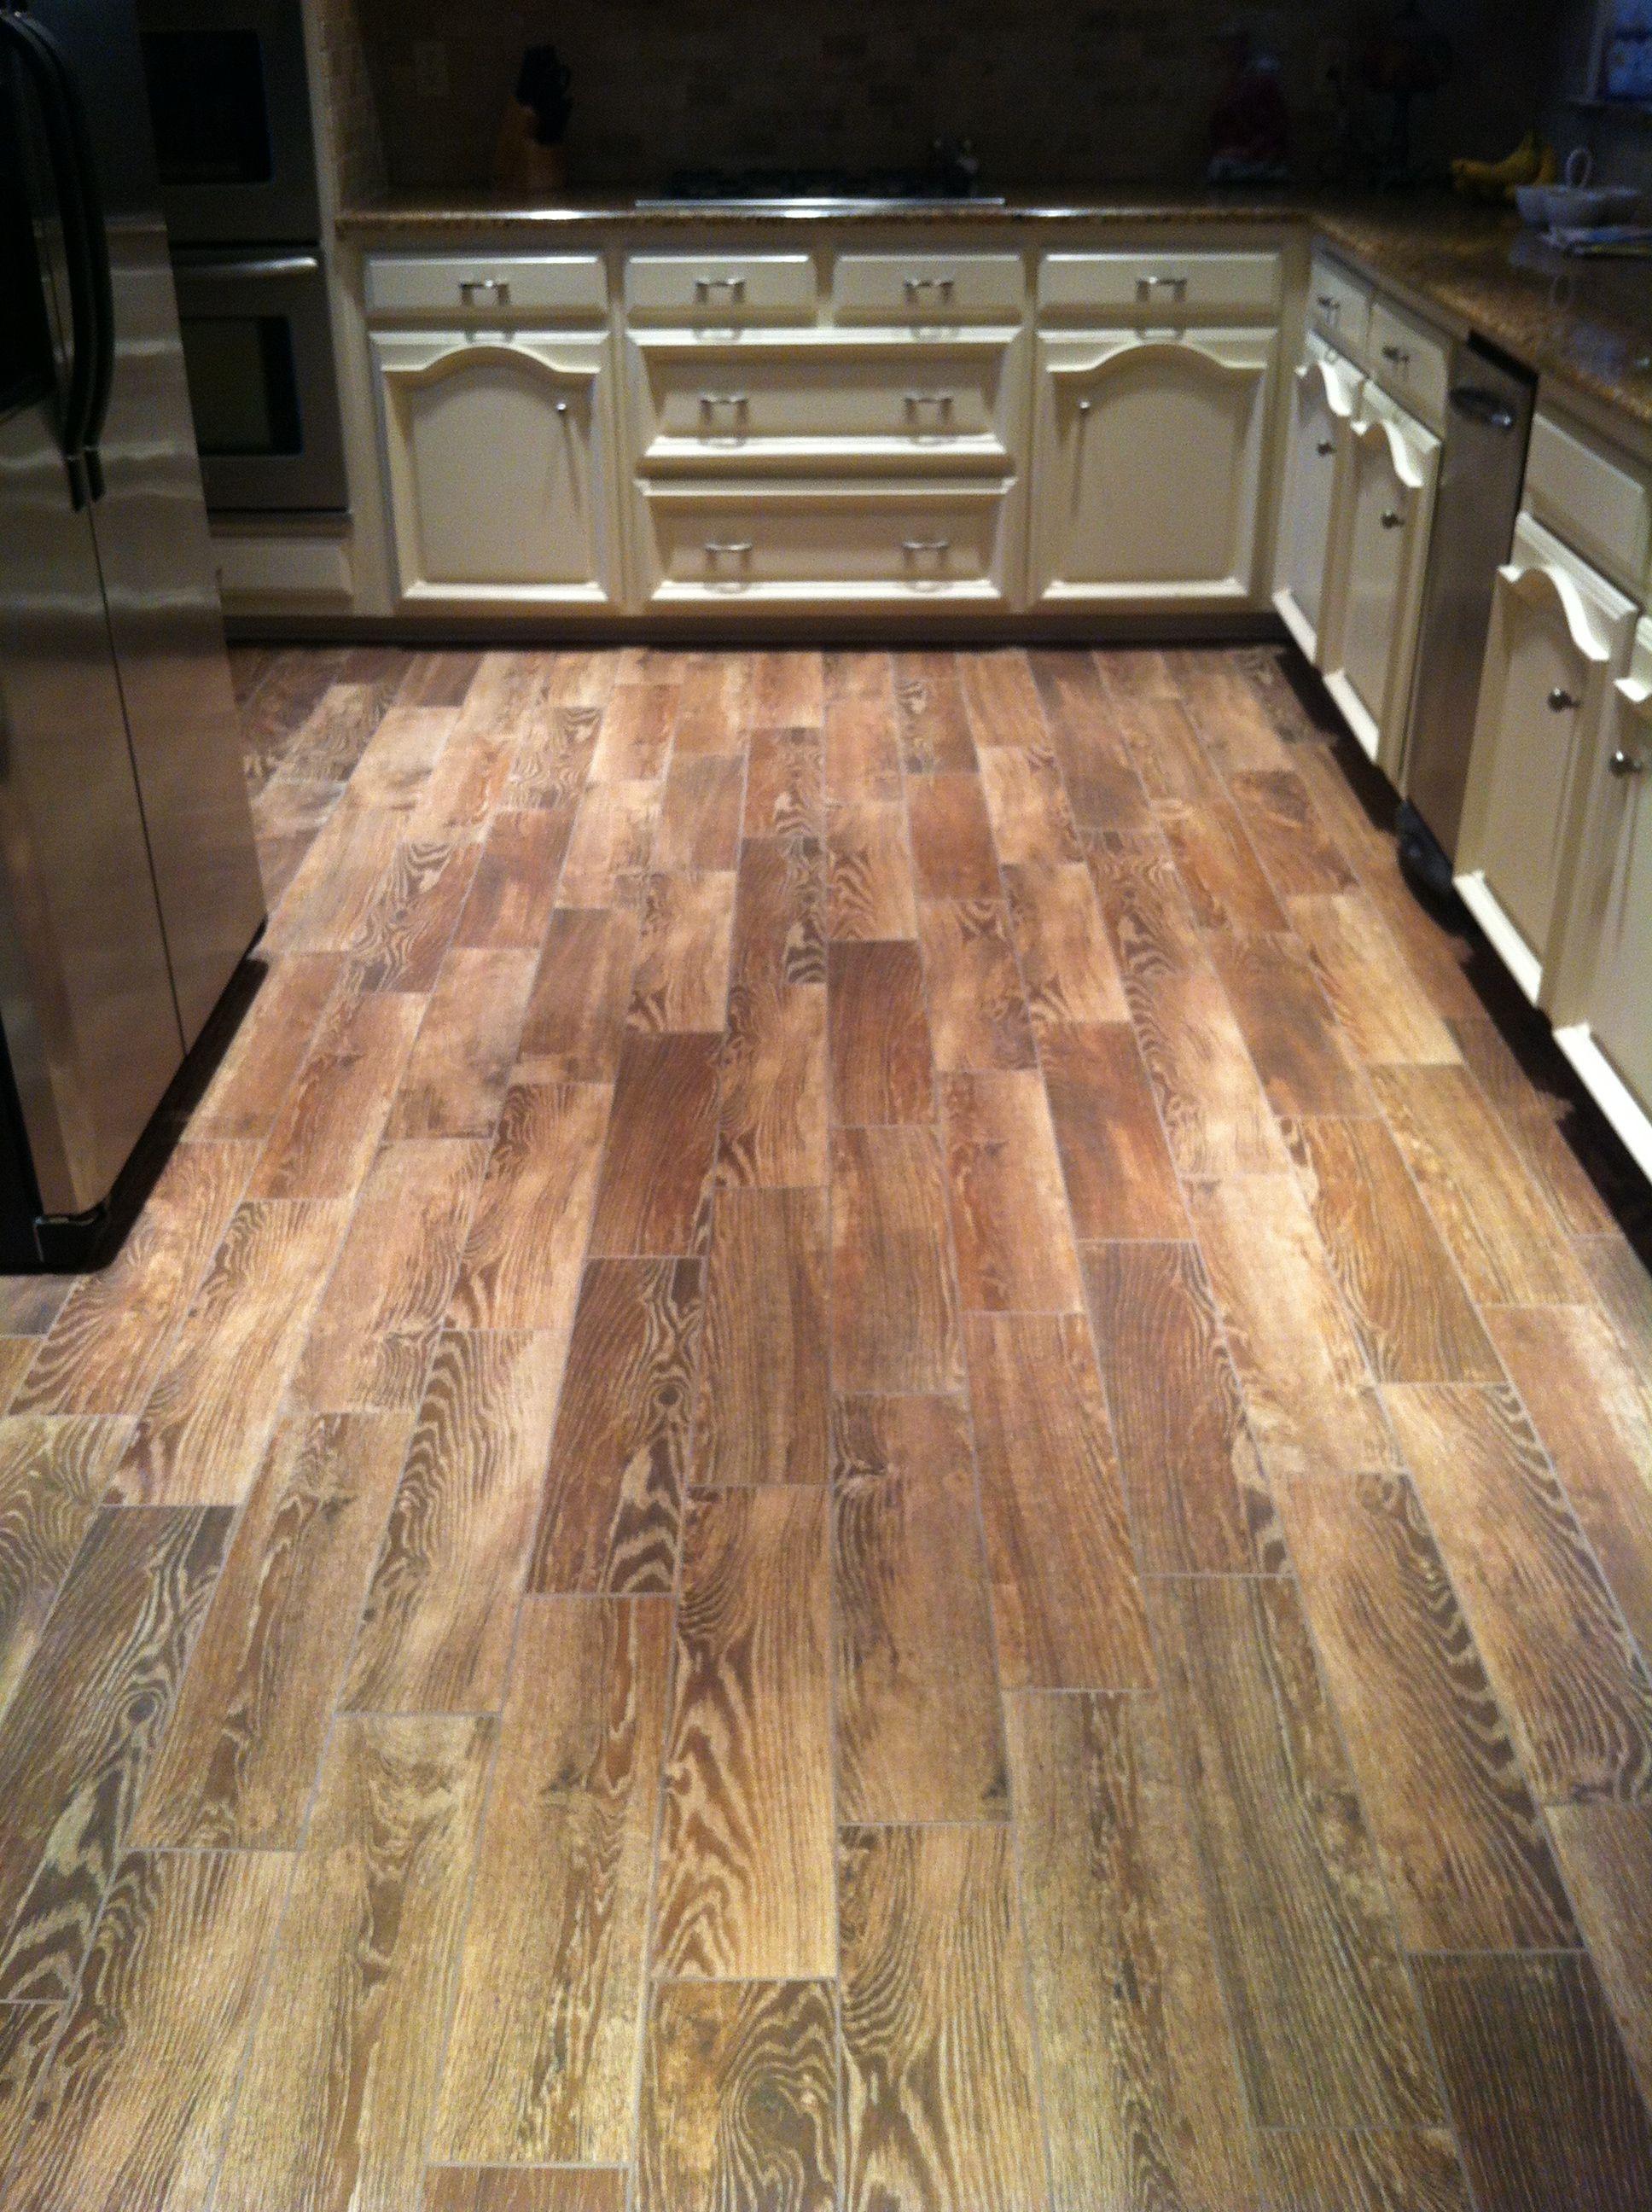 Wood like tile floors